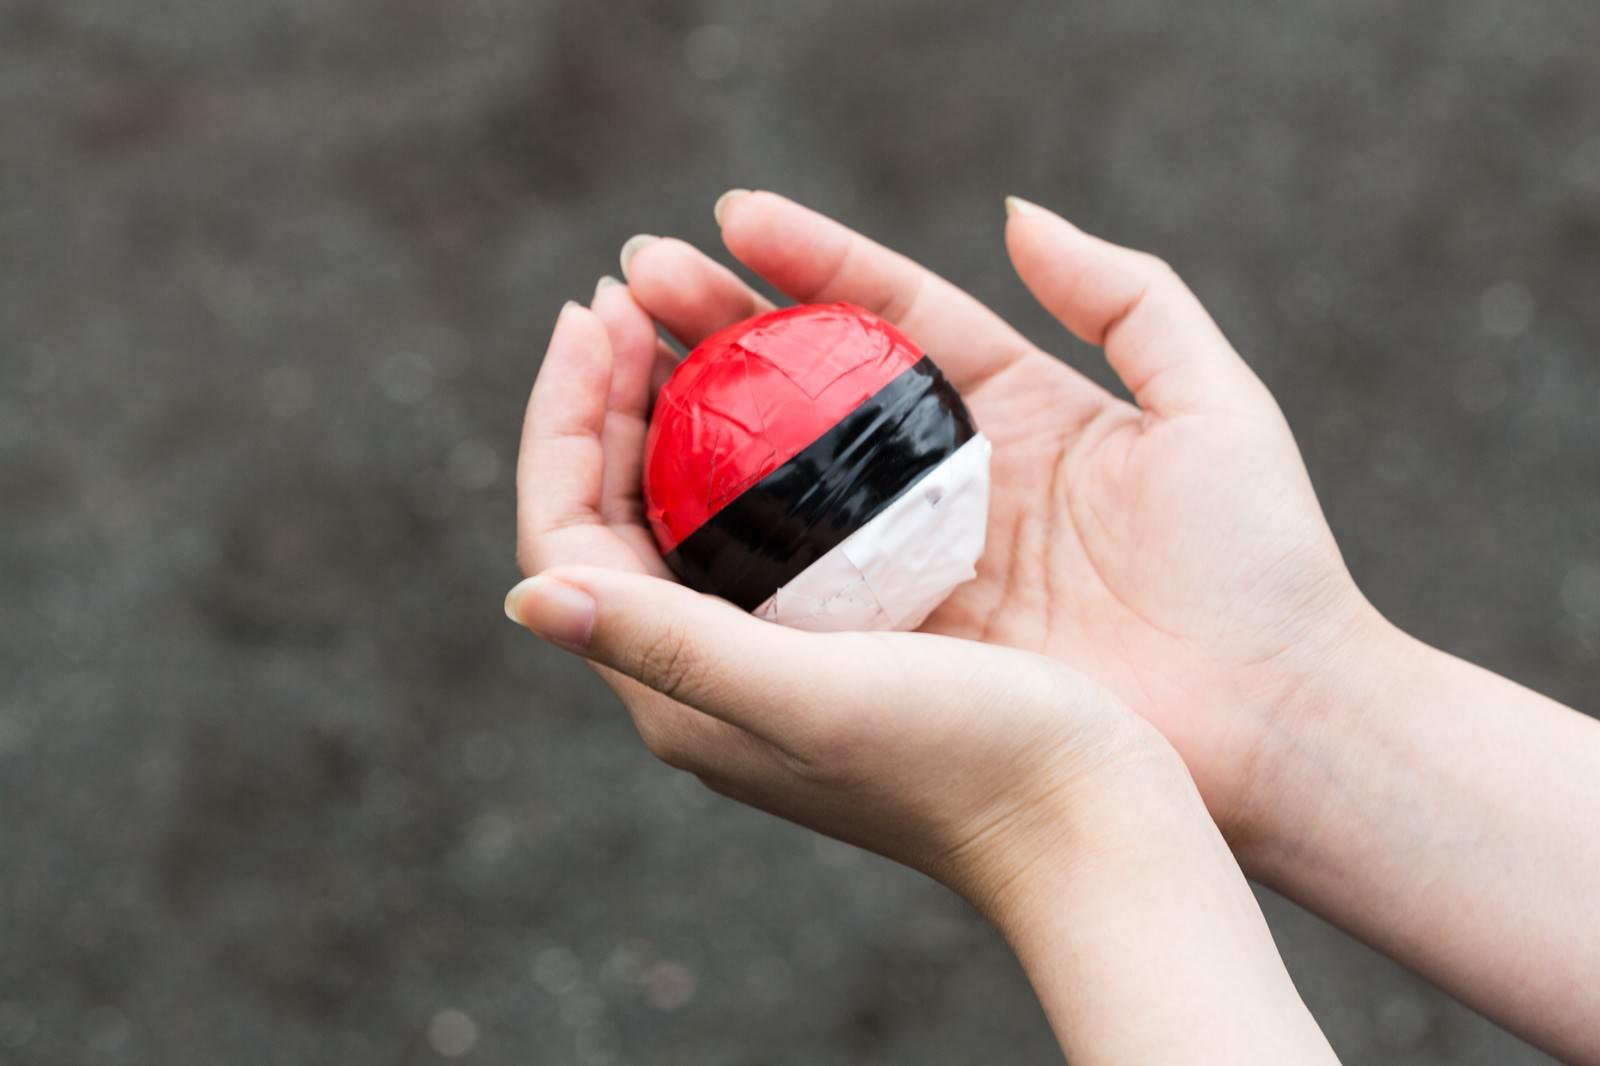 「ルールとマナーを守って楽しく紅白ボールをプレイしよう」の写真